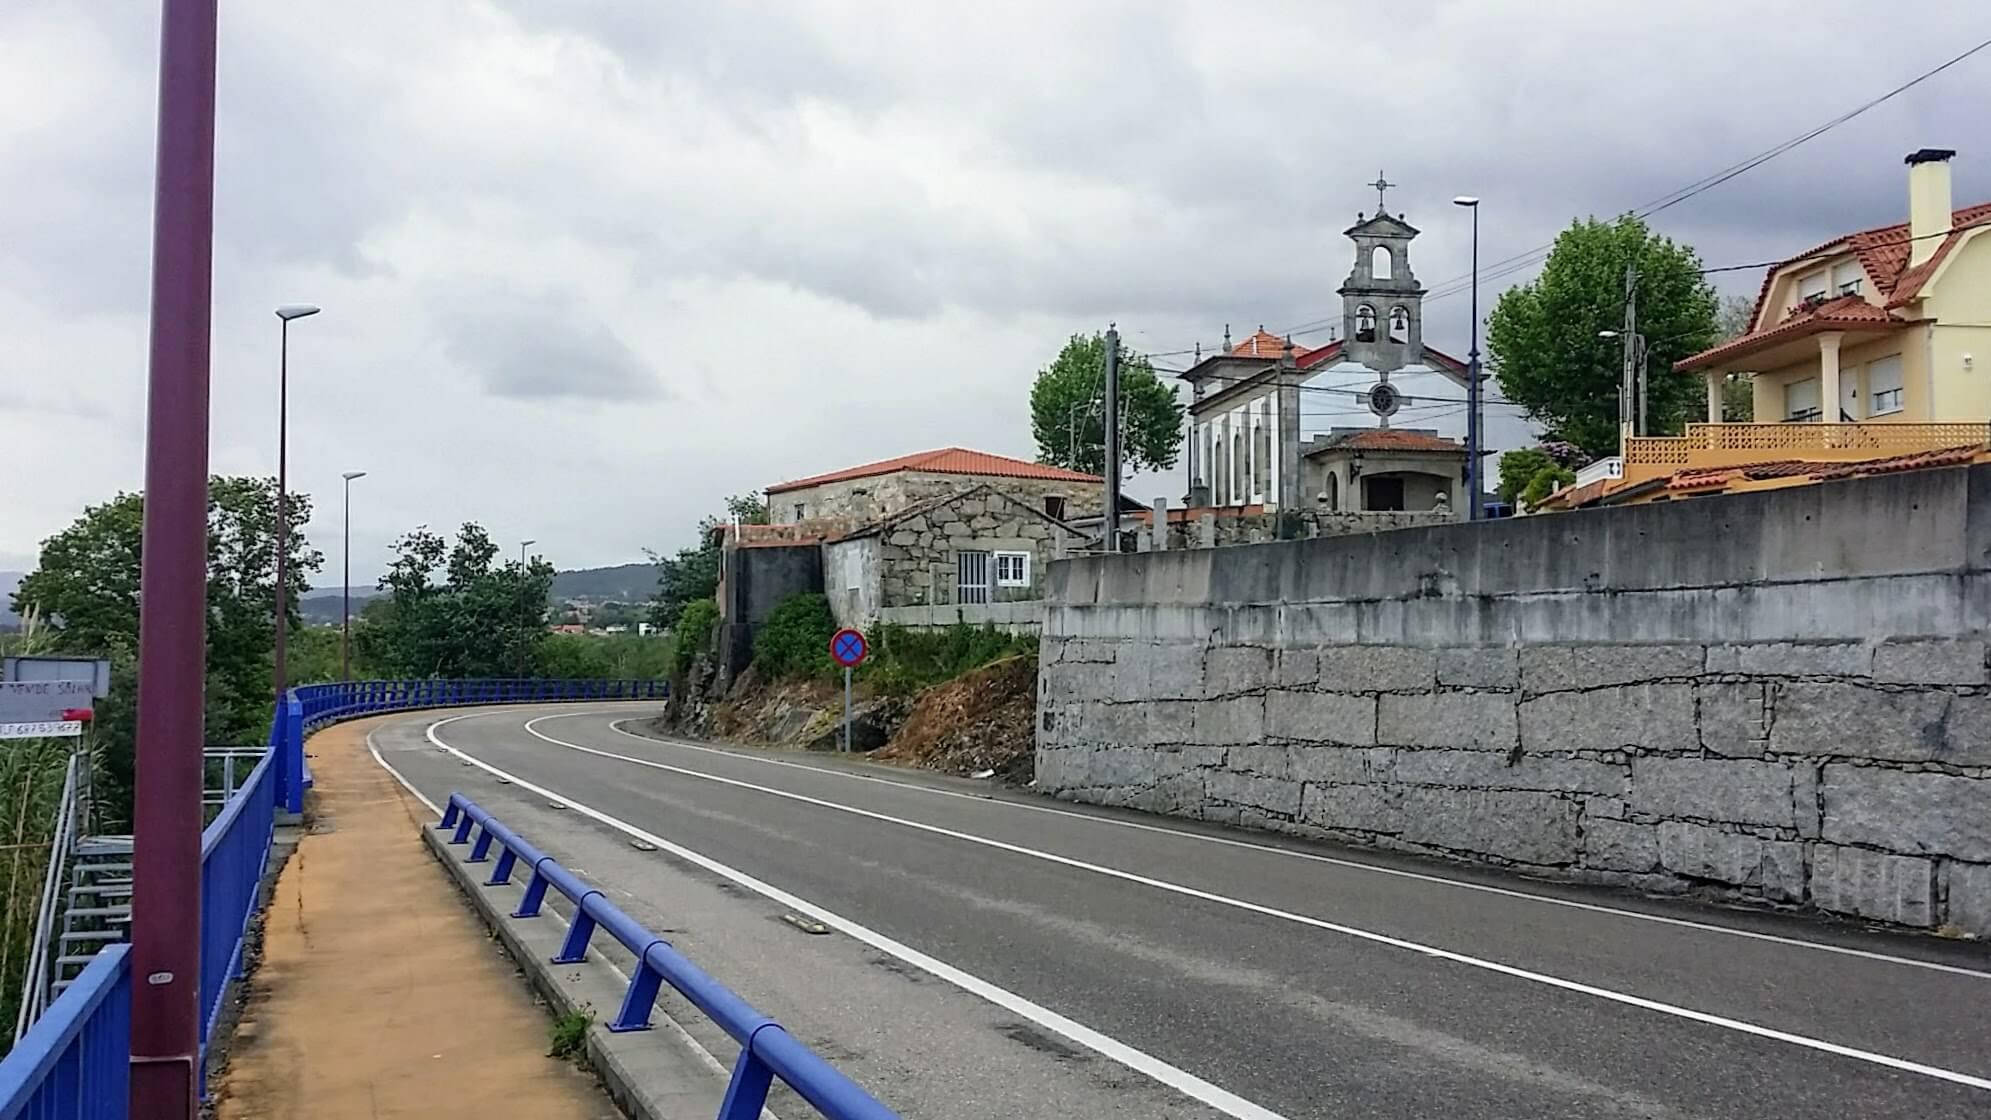 Capilla Nuestra Señora De Los Liñares on day twenty-one of the Camino Portugués